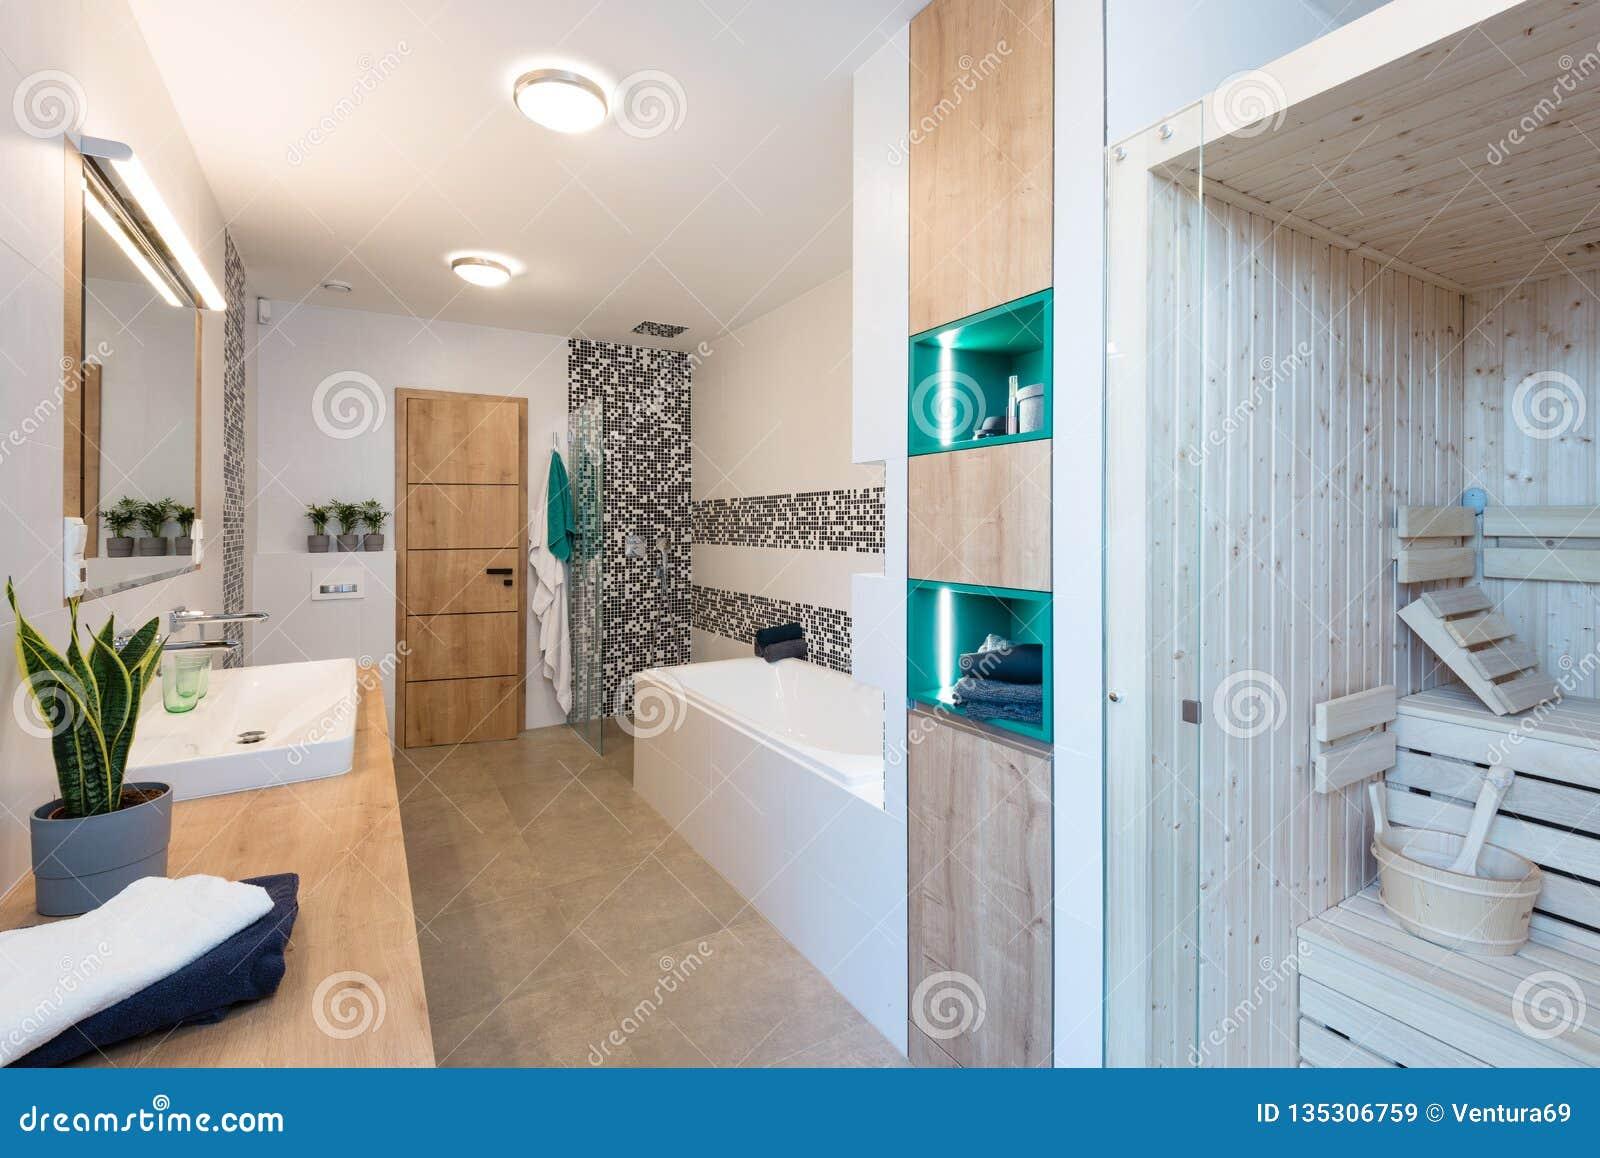 Modernes Badezimmer Mit Badewanne Und Dusche Stockbild ...